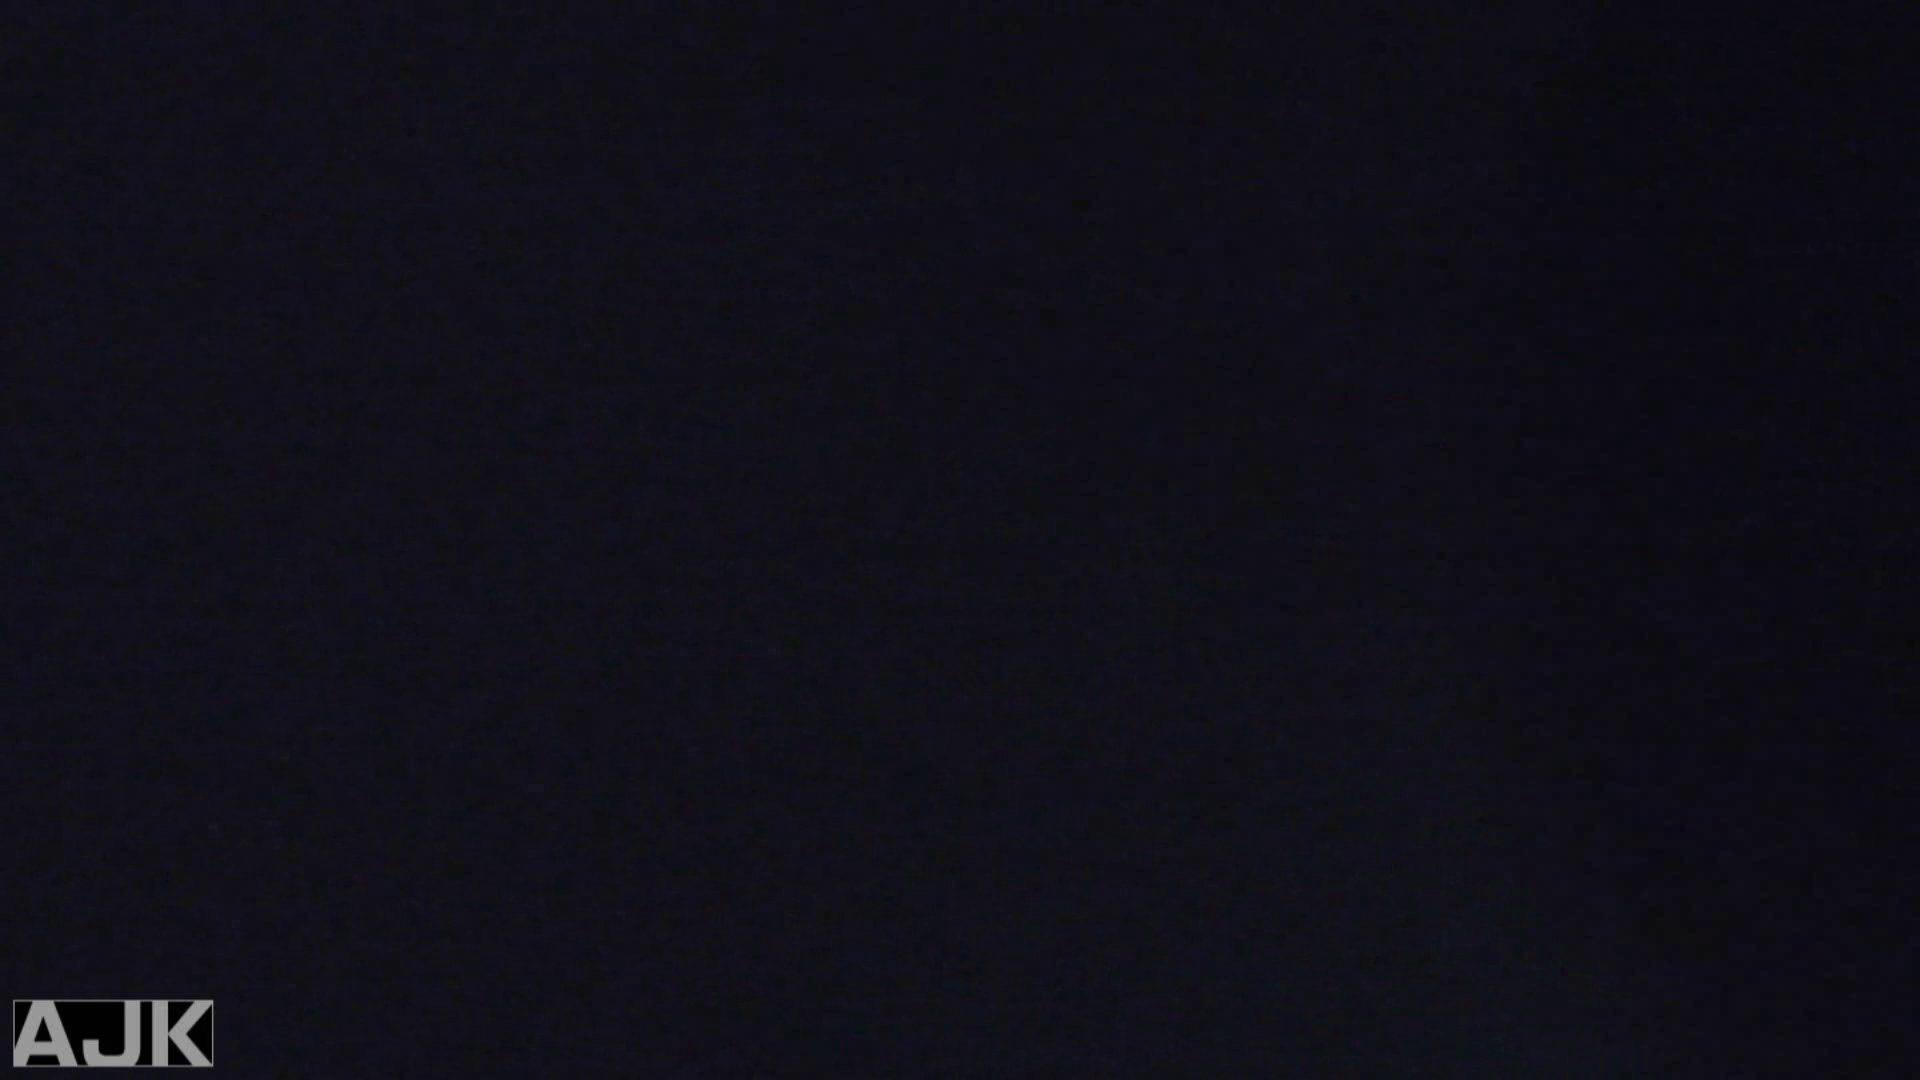 神降臨!史上最強の潜入かわや! vol.23 OLエロ画像 盗撮おめこ無修正動画無料 78PICs 65